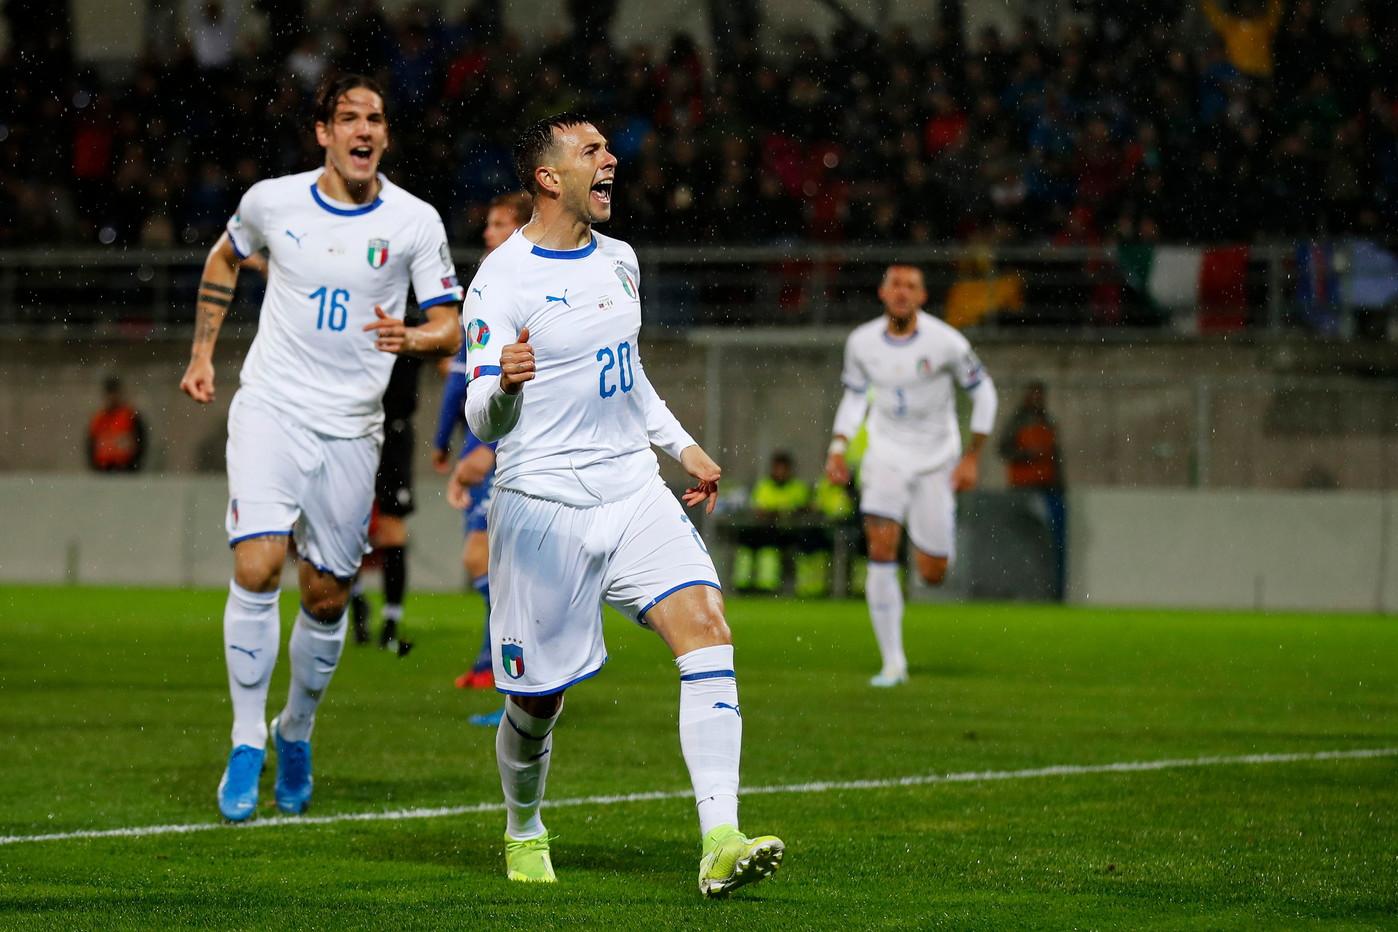 Nell'8a giornata di qualificazioni a Euro 2020, l'Italia batte 5-0 il Liechtenstein e conquista l'8a vittoria in altrettante gare. Dopo uno spavento firmato Salanovic, gli Azzurri sbloccano il match al 2' grazie a Bernardeschi. L'Italia rischia un po' troppo fino al raddoppio di Belotti (70'). Al 77' tris di Romagnoli, poi il poker di El Shaarawy (83'). Al 92' ancora Belotti. Mancini eguaglia il record di Pozzo (9 successi consecutivi).